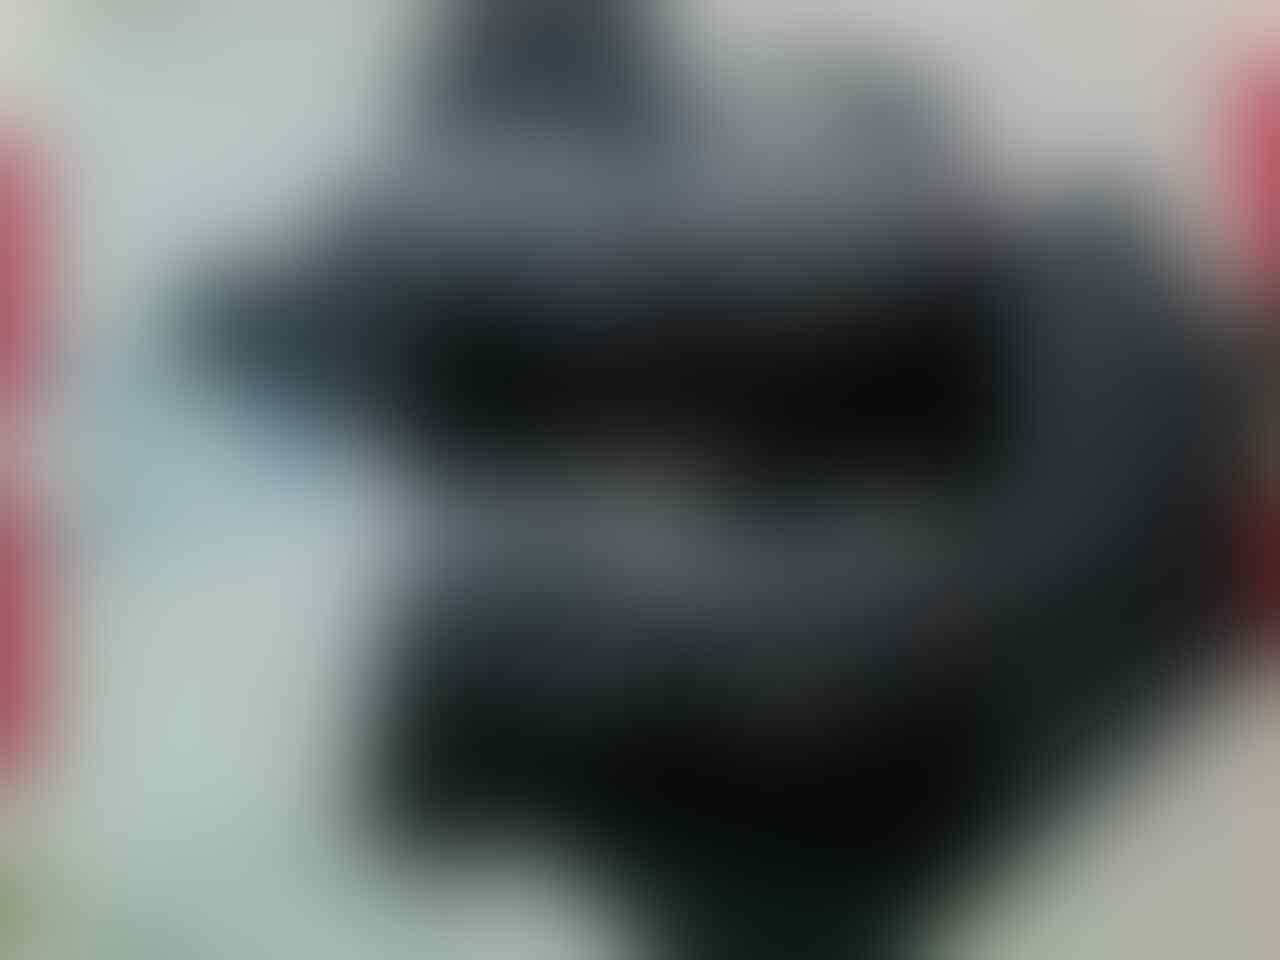 PLAY STATION 2(PS2)SLIM OPTIK SERI SCPH-90006 JUAL MURAH